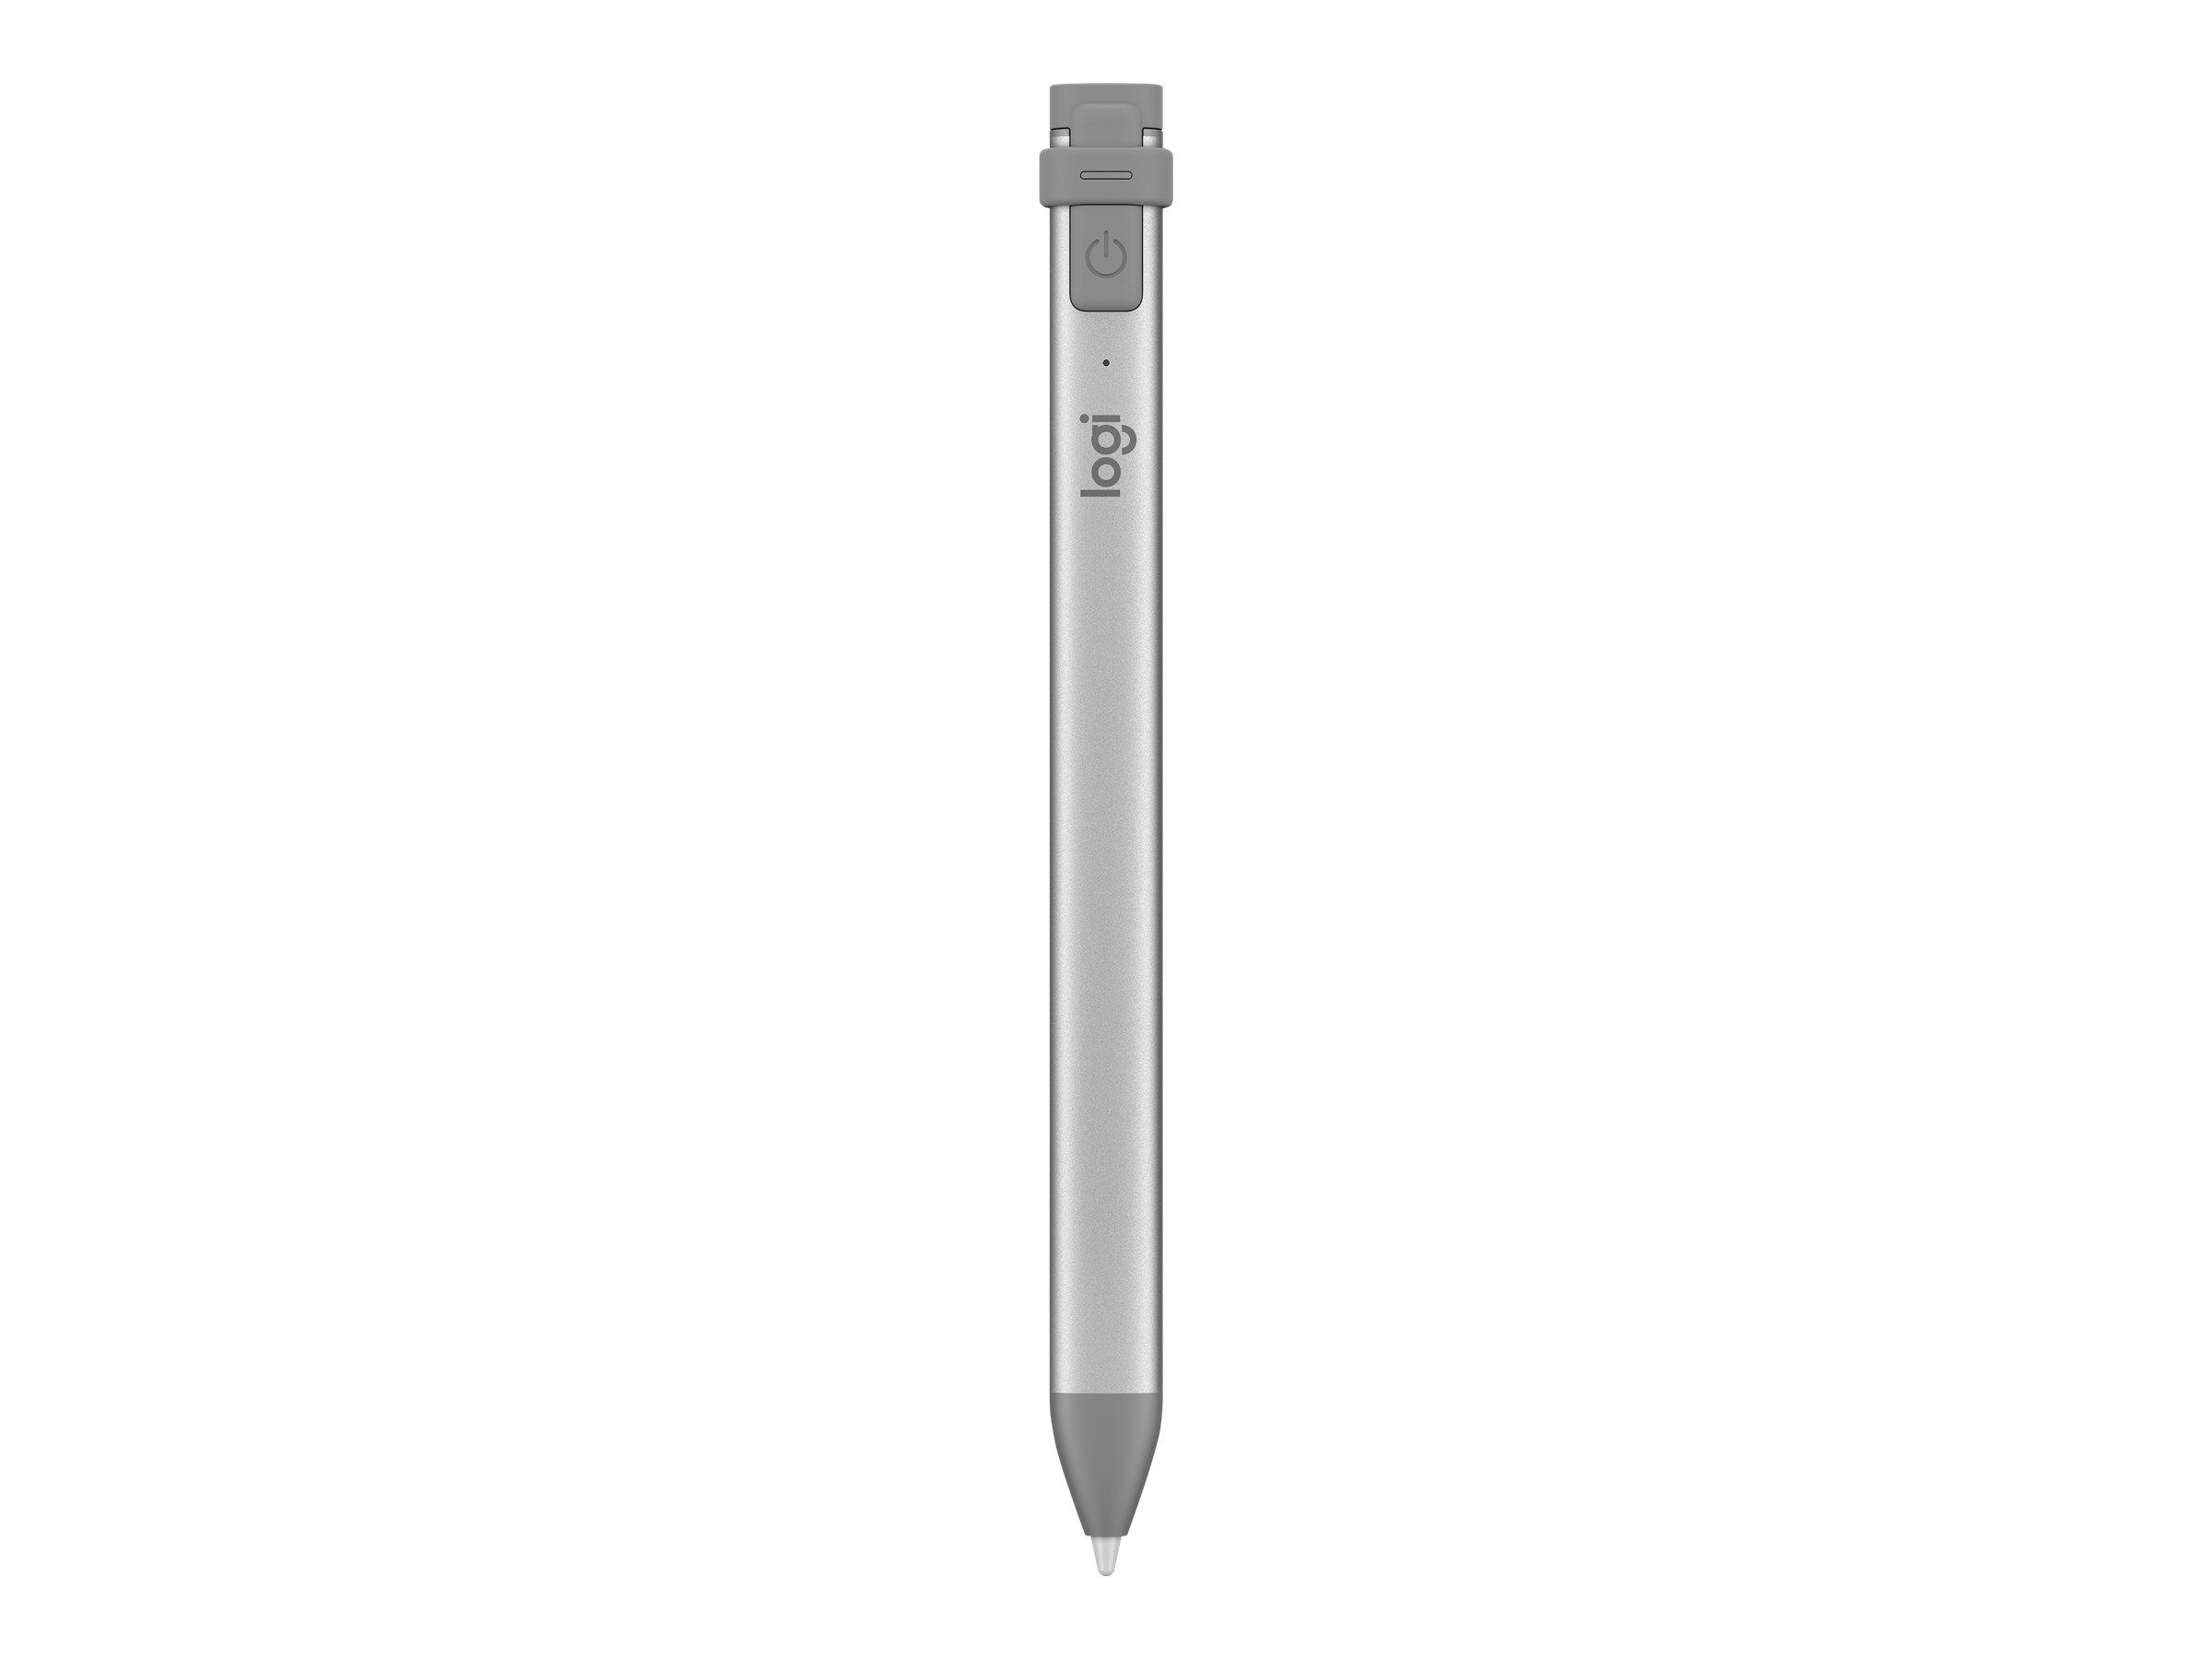 Logitech Crayon - Digitaler Stift - kabellos